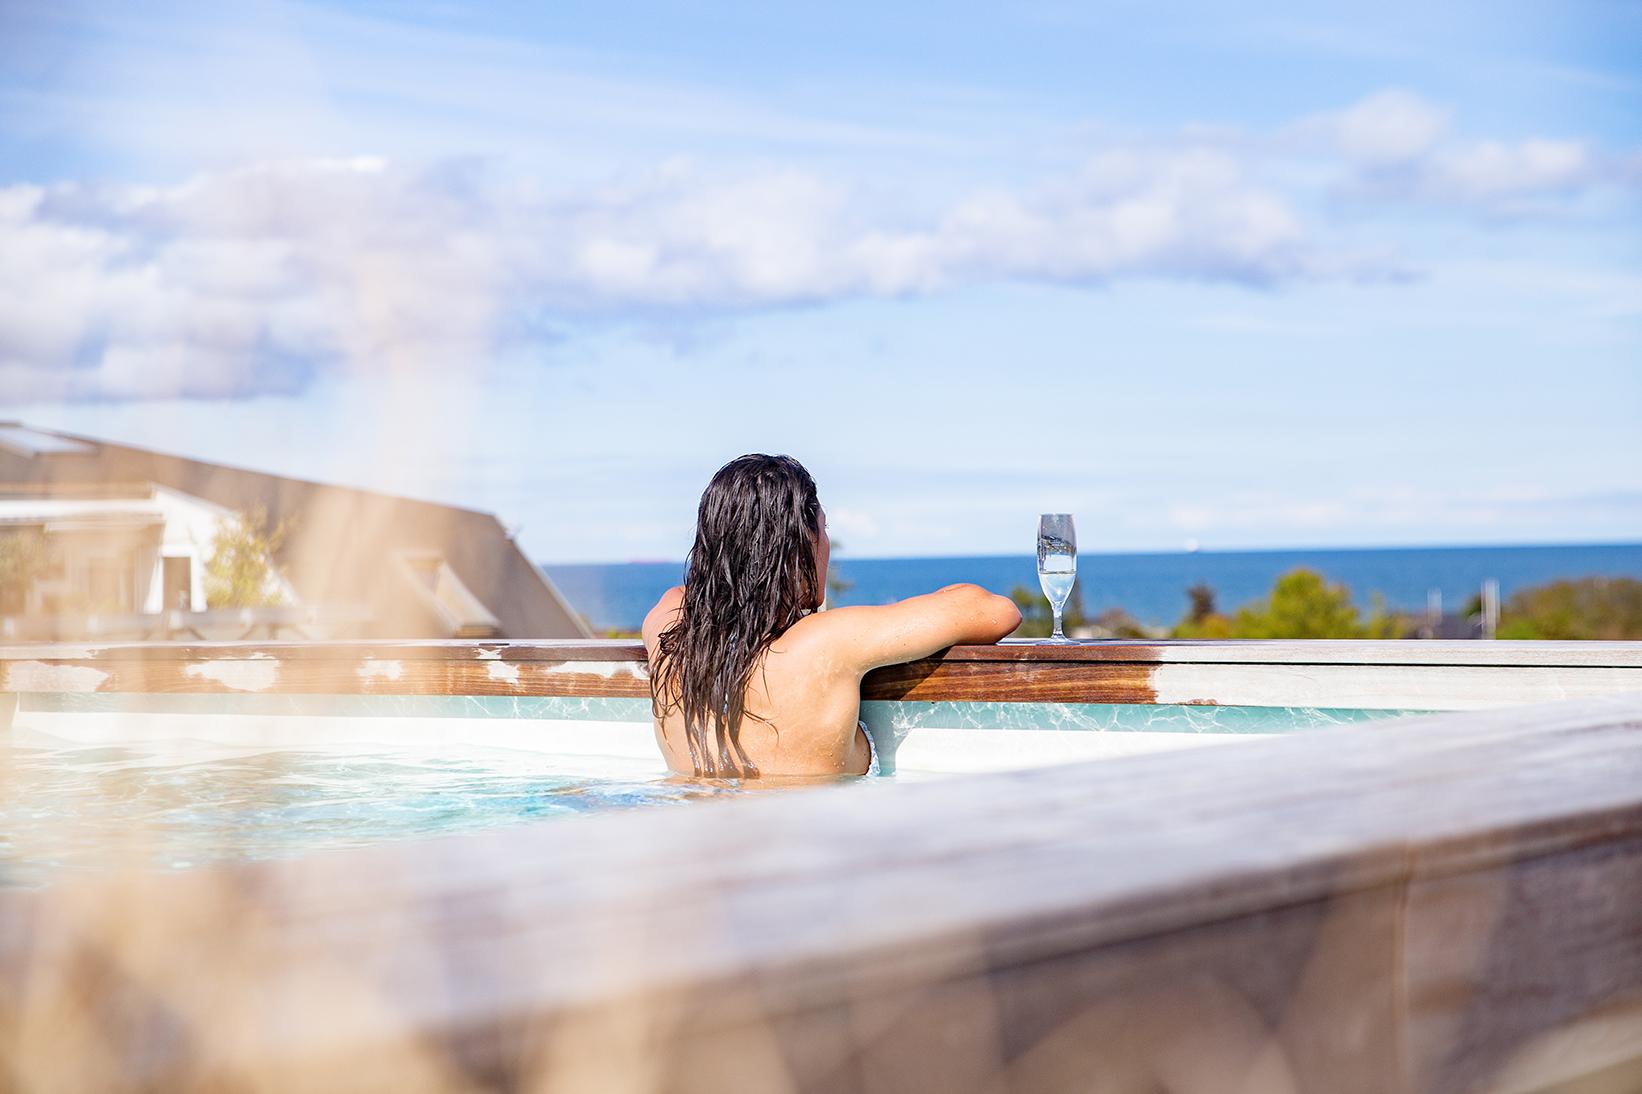 Book nu: Hotel Viking lancerer skarpe efterårstilbud på spa-oplevelser